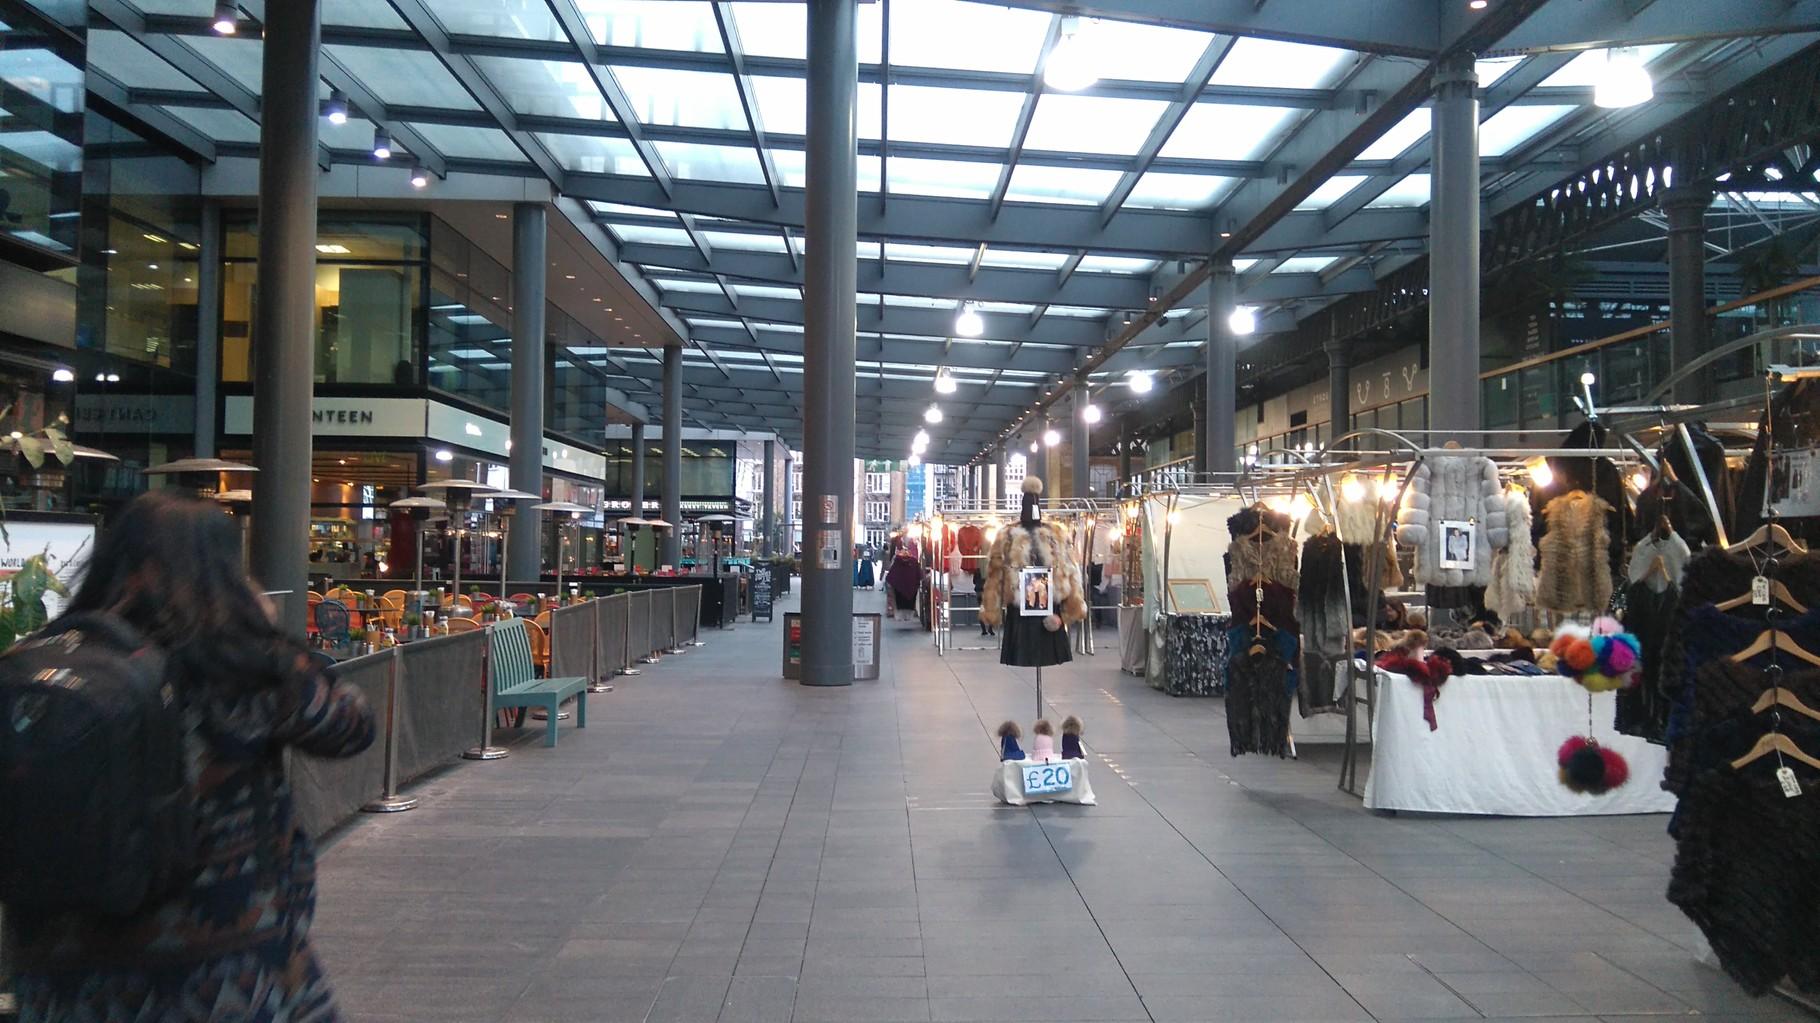 オールド・スピタルフィールド・マーケット、沢山のストールが並ぶ。